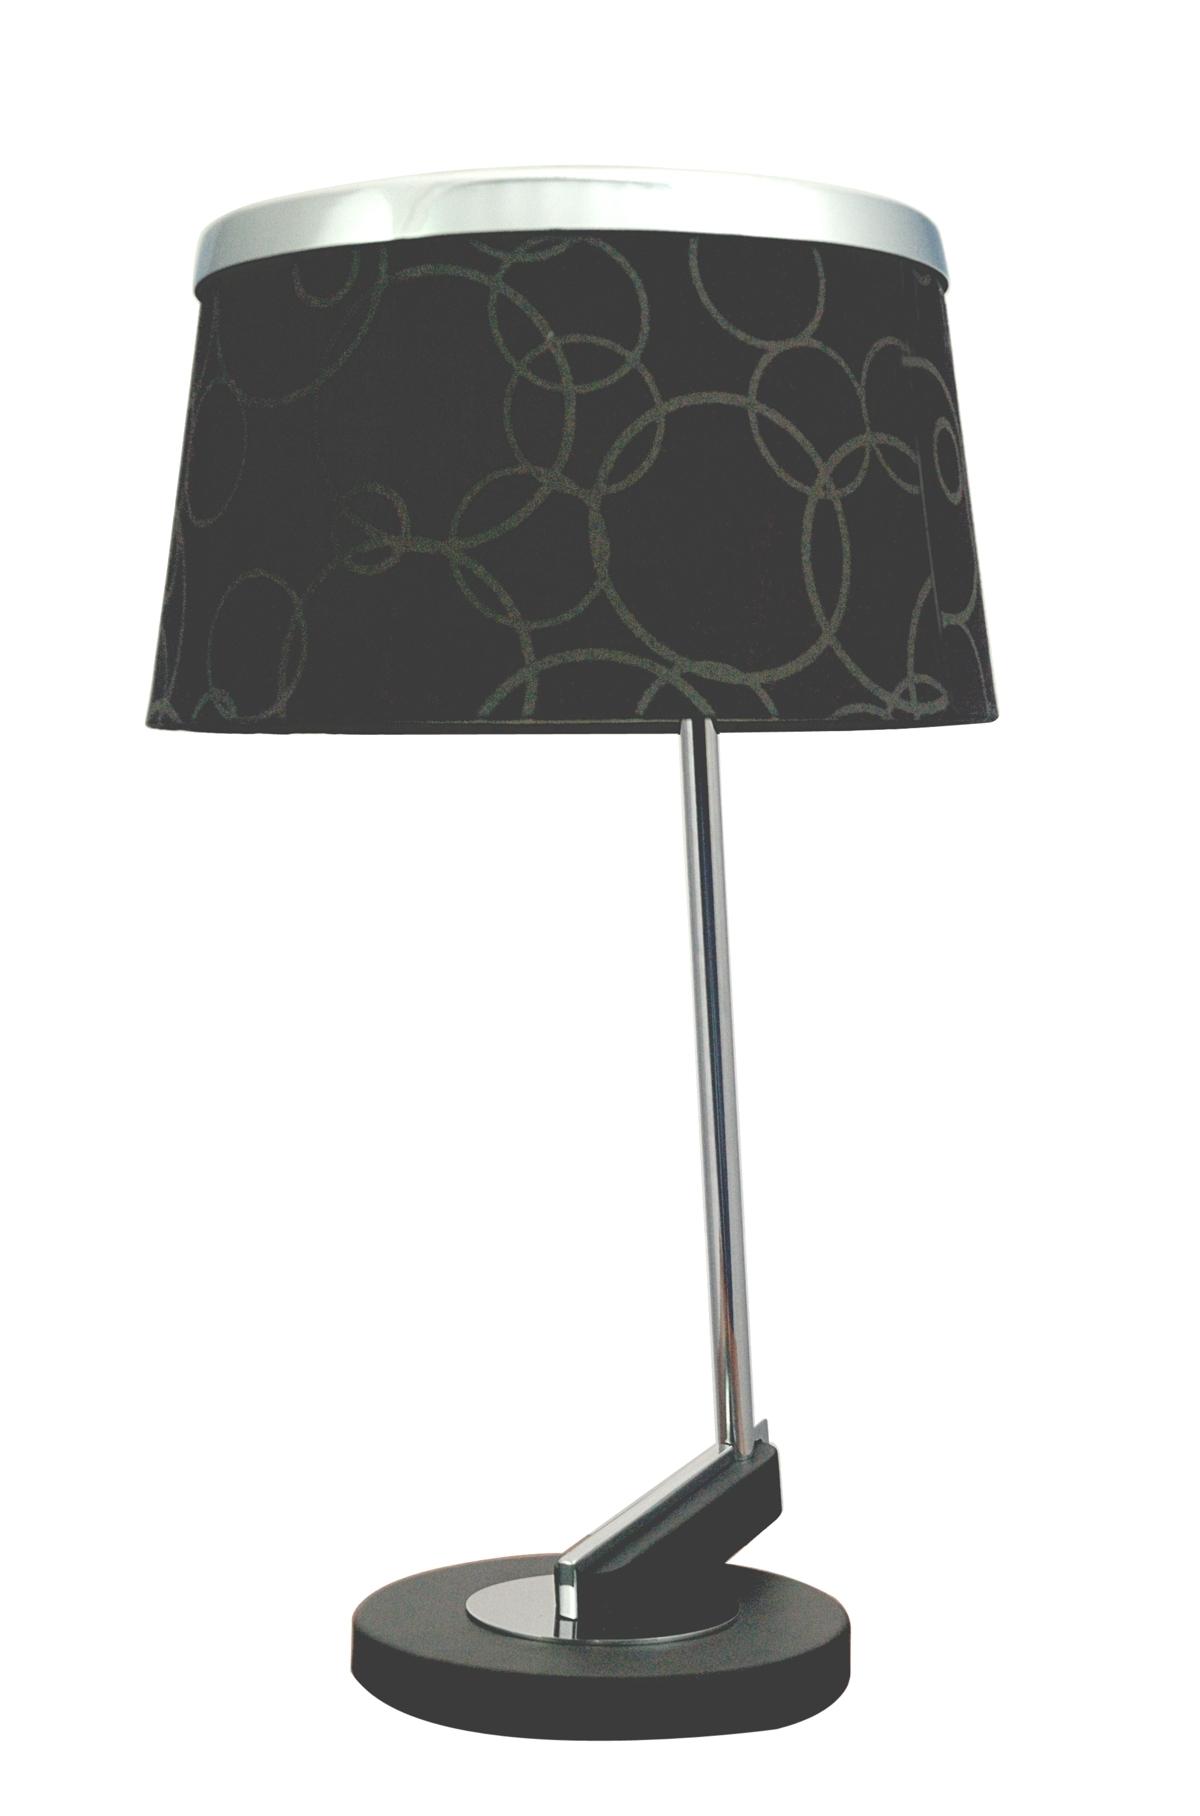 IMPRESJA LAMPA 1*60W E27 CZARNA CHROM - 41-45310